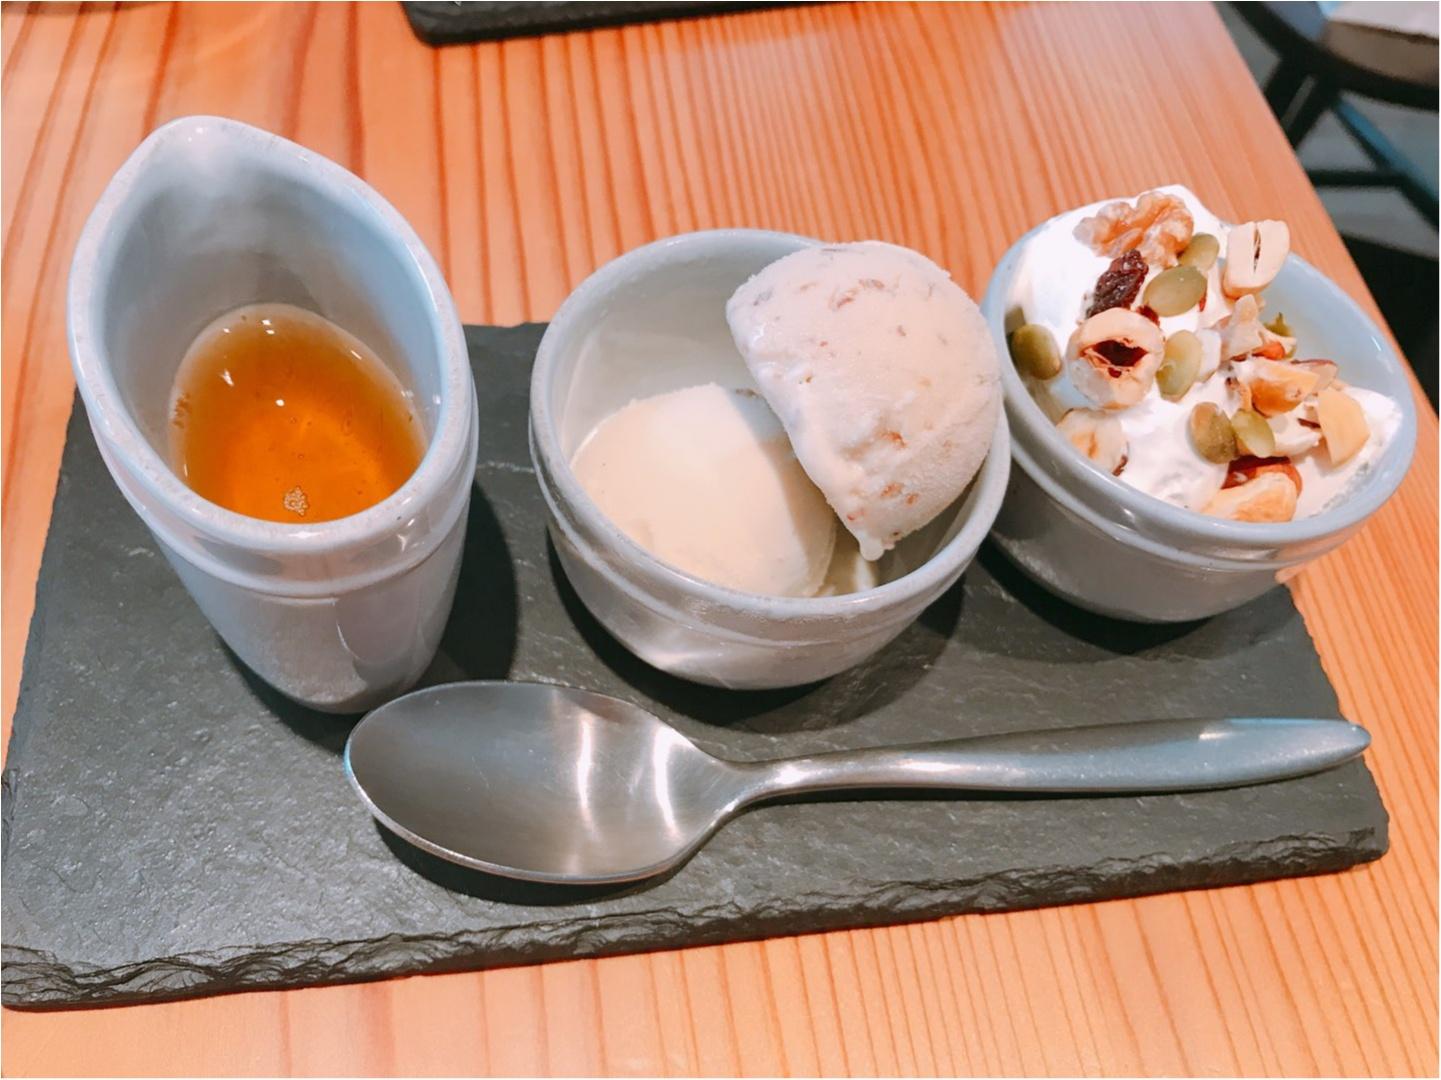 【オーガニックカフェ】罪悪感なく食べられる低カロリーなパンケーキ♡_7